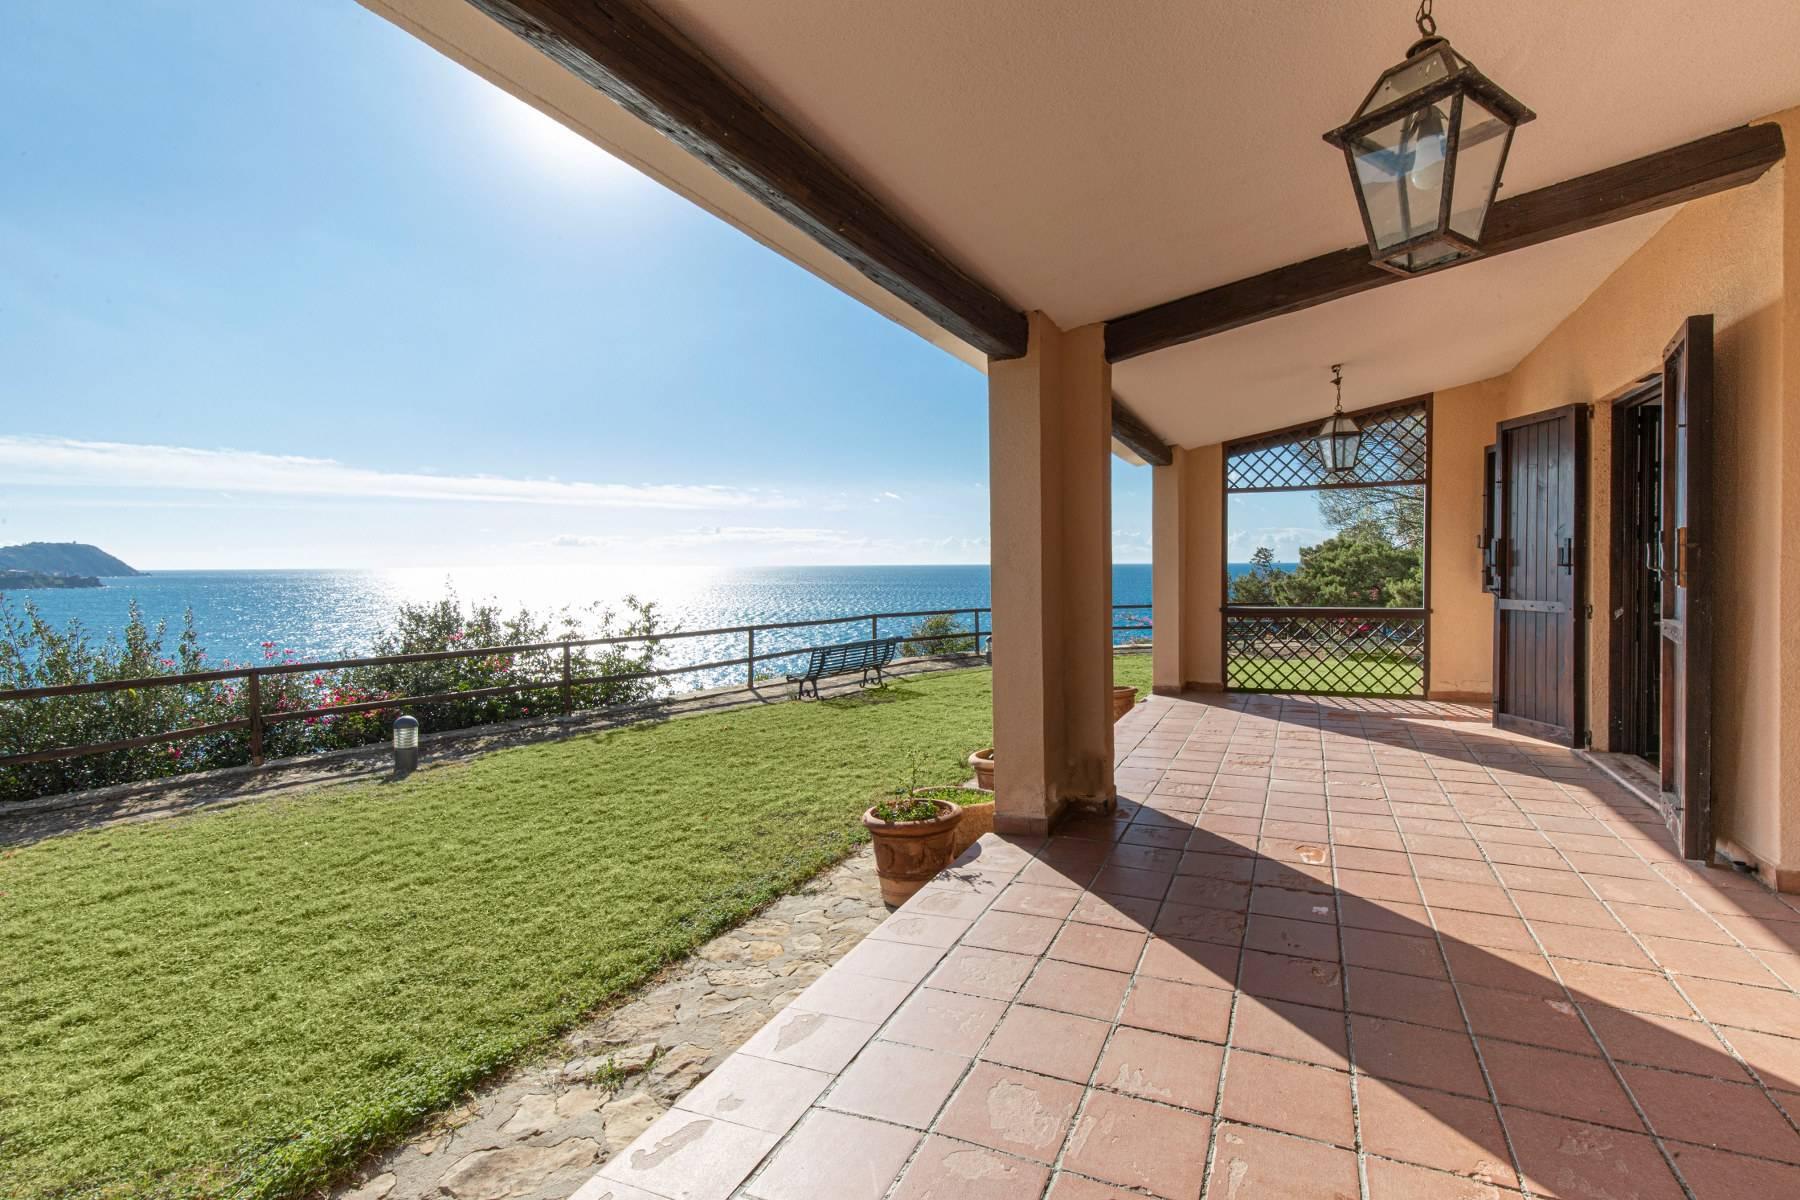 Villa in Vendita a Quartu Sant'Elena: 5 locali, 650 mq - Foto 8